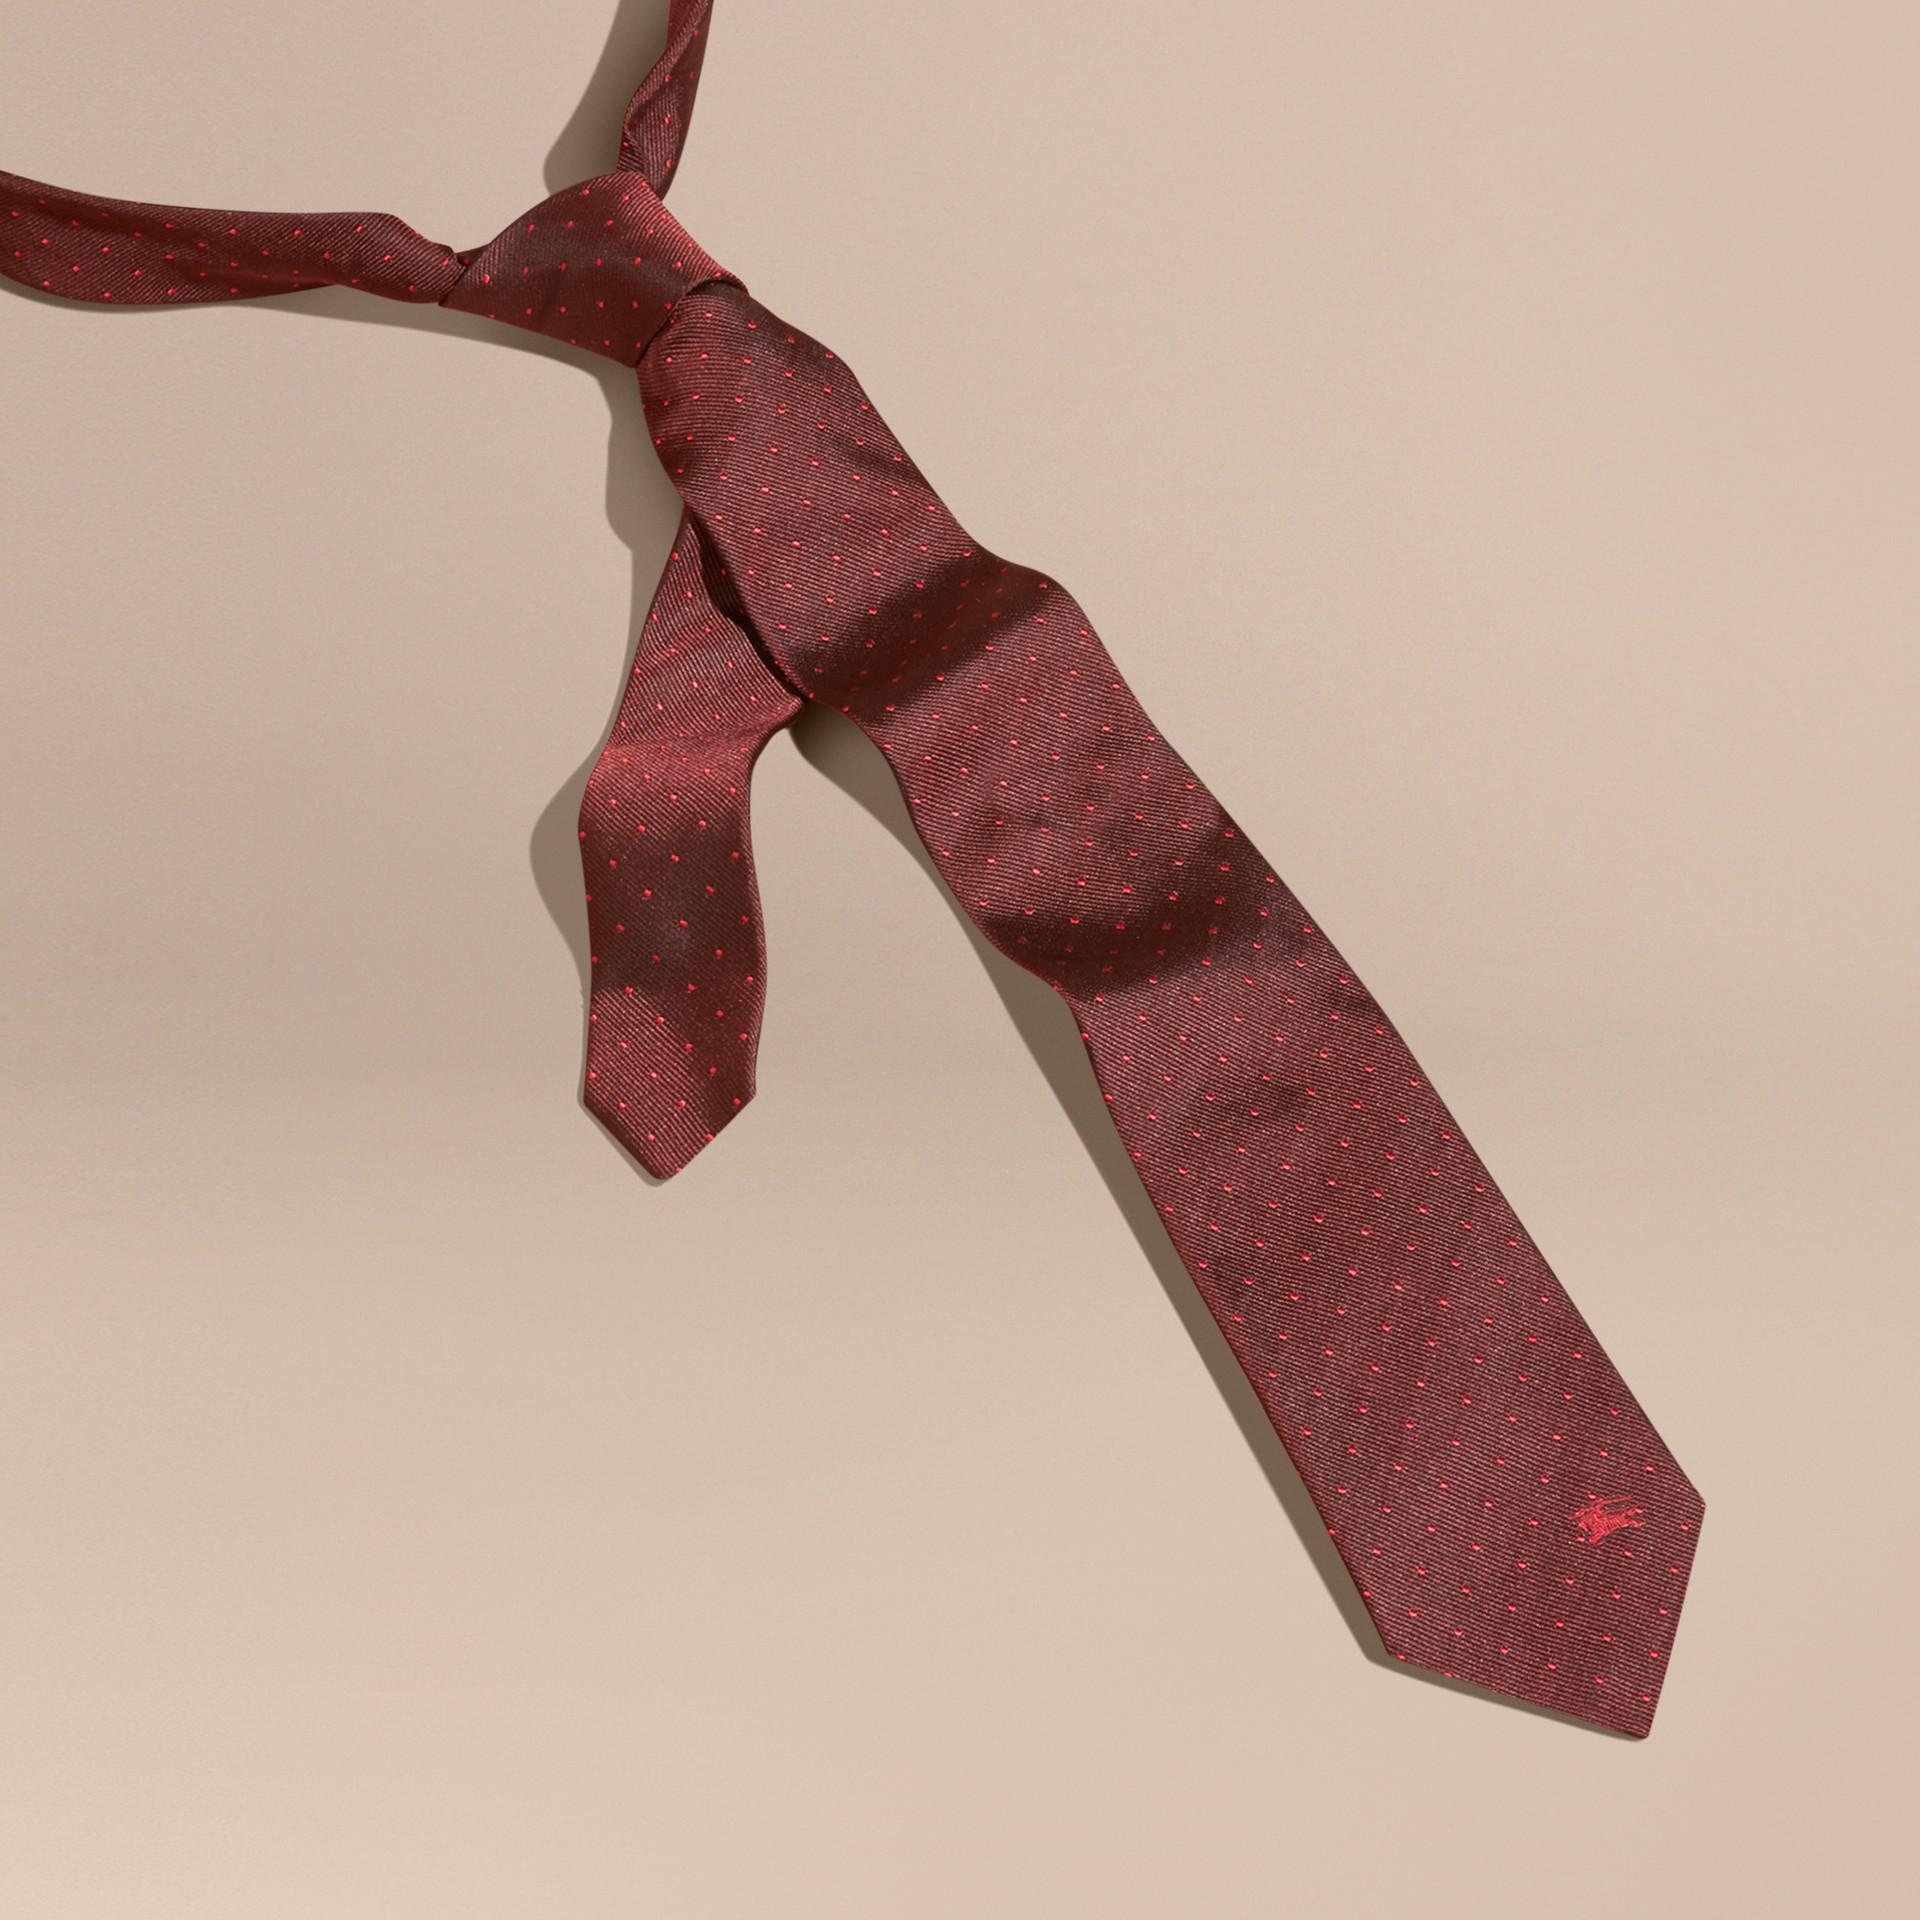 Deep claret Gravata de seda com corte moderno e estampa de poás - galeria de imagens 3